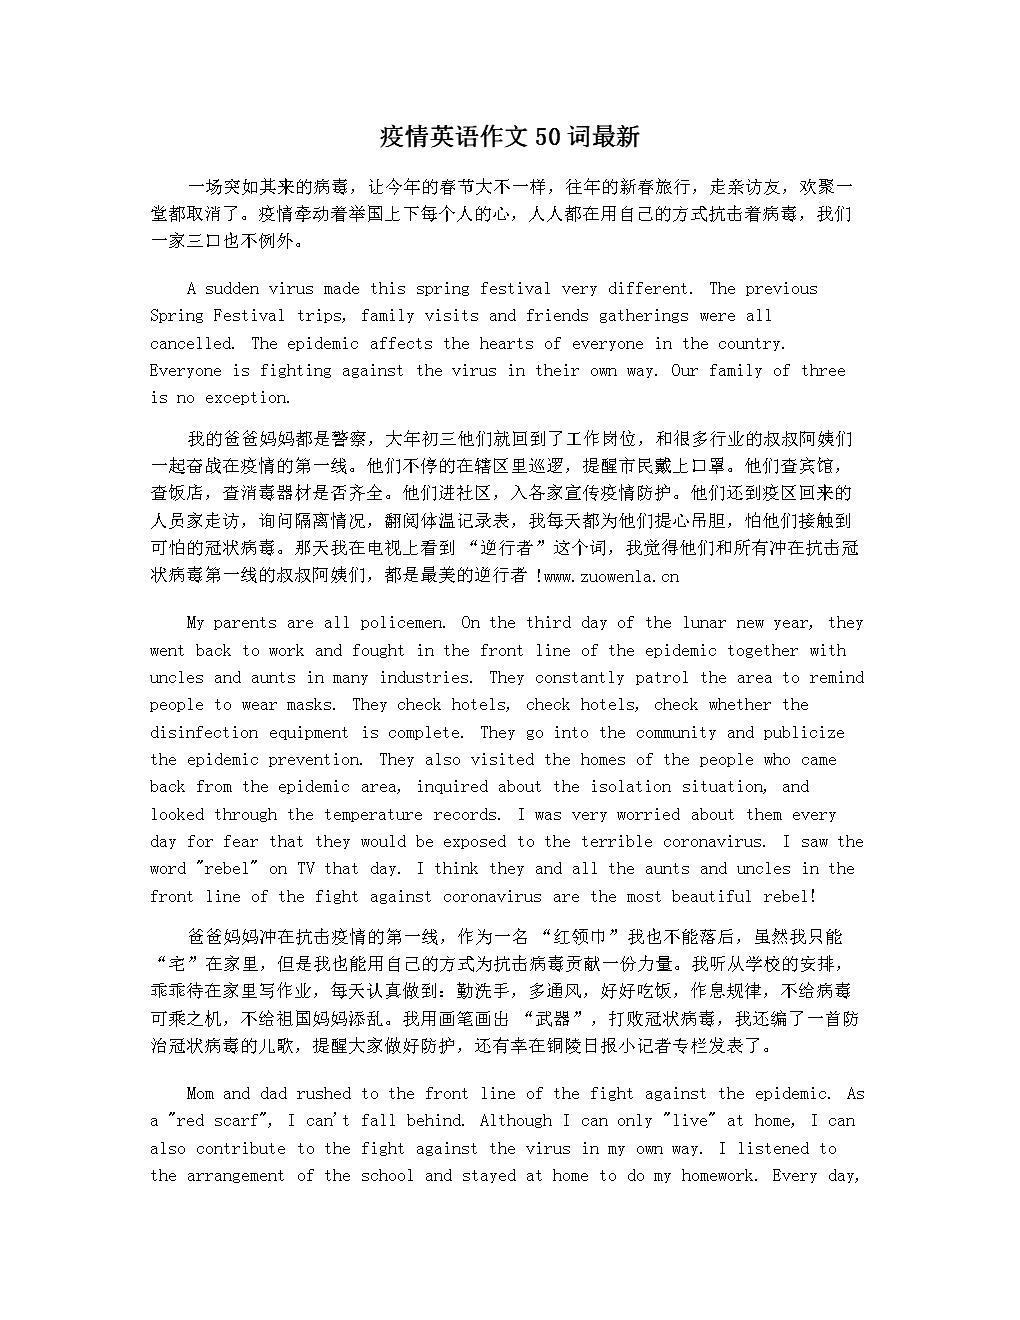 疫情英語作文50詞最新.docx